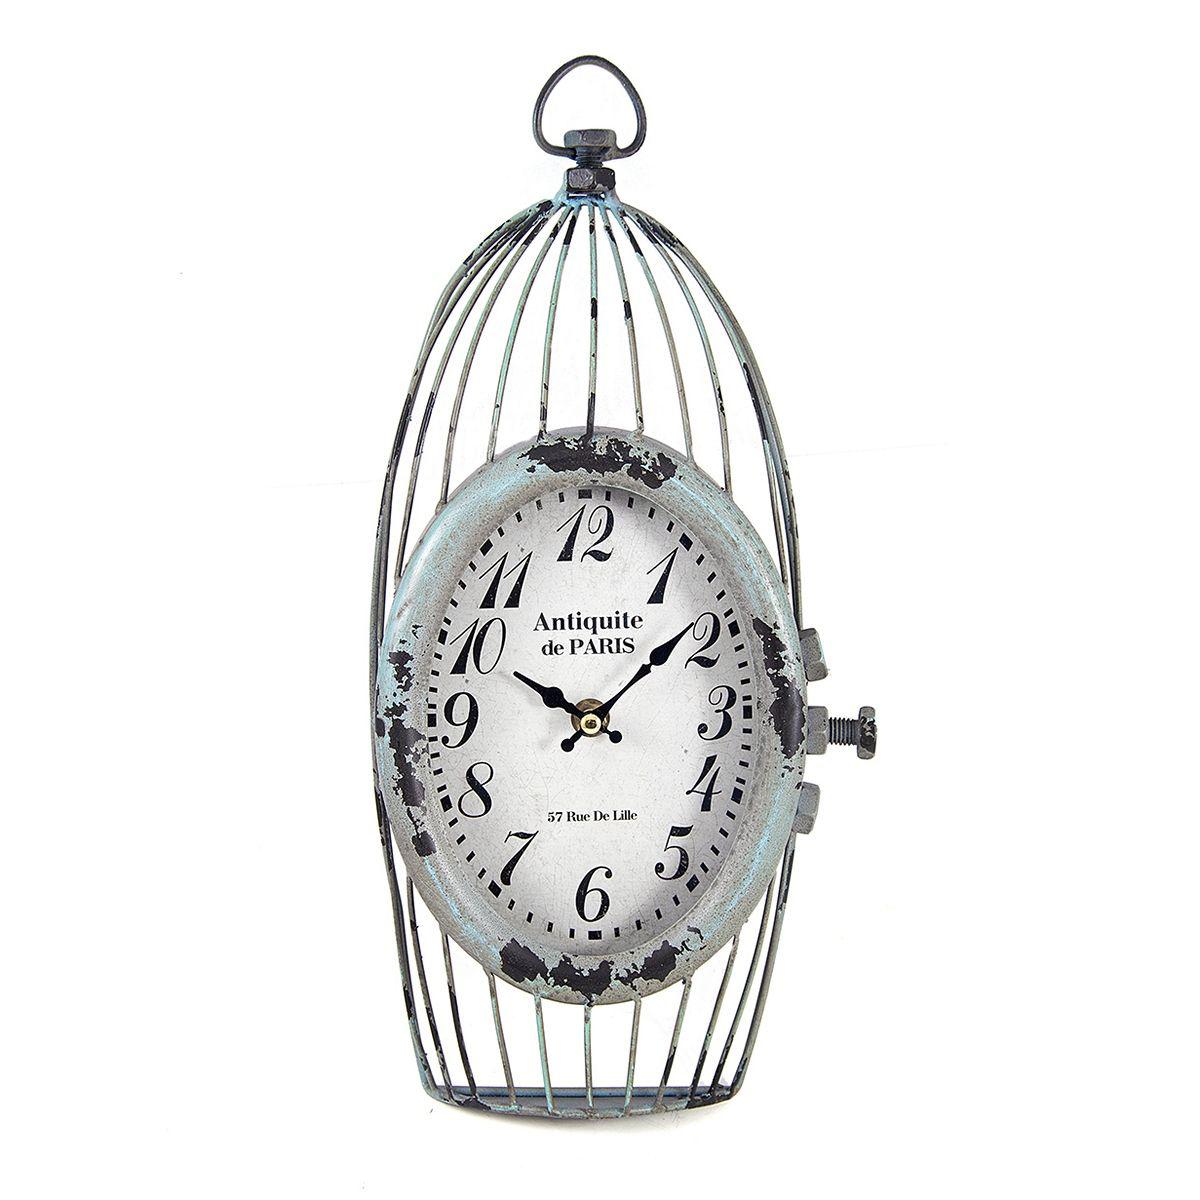 Часы настенные Русские Подарки, 18 х 6 х 37 см. 2963429634Настенные кварцевые часы Русские Подарки изготовлены из МДФ c элементами металла. Корпус выполнен в виде клетки. Часы имеют две стрелки - часовую и минутную. Циферблат защищен стеклом. Сверху имеется петелька для подвешивания на стену. Изящные часы красиво и оригинально оформят интерьер дома или офиса. Часы работают от батареек типа АА (в комплект не входят).